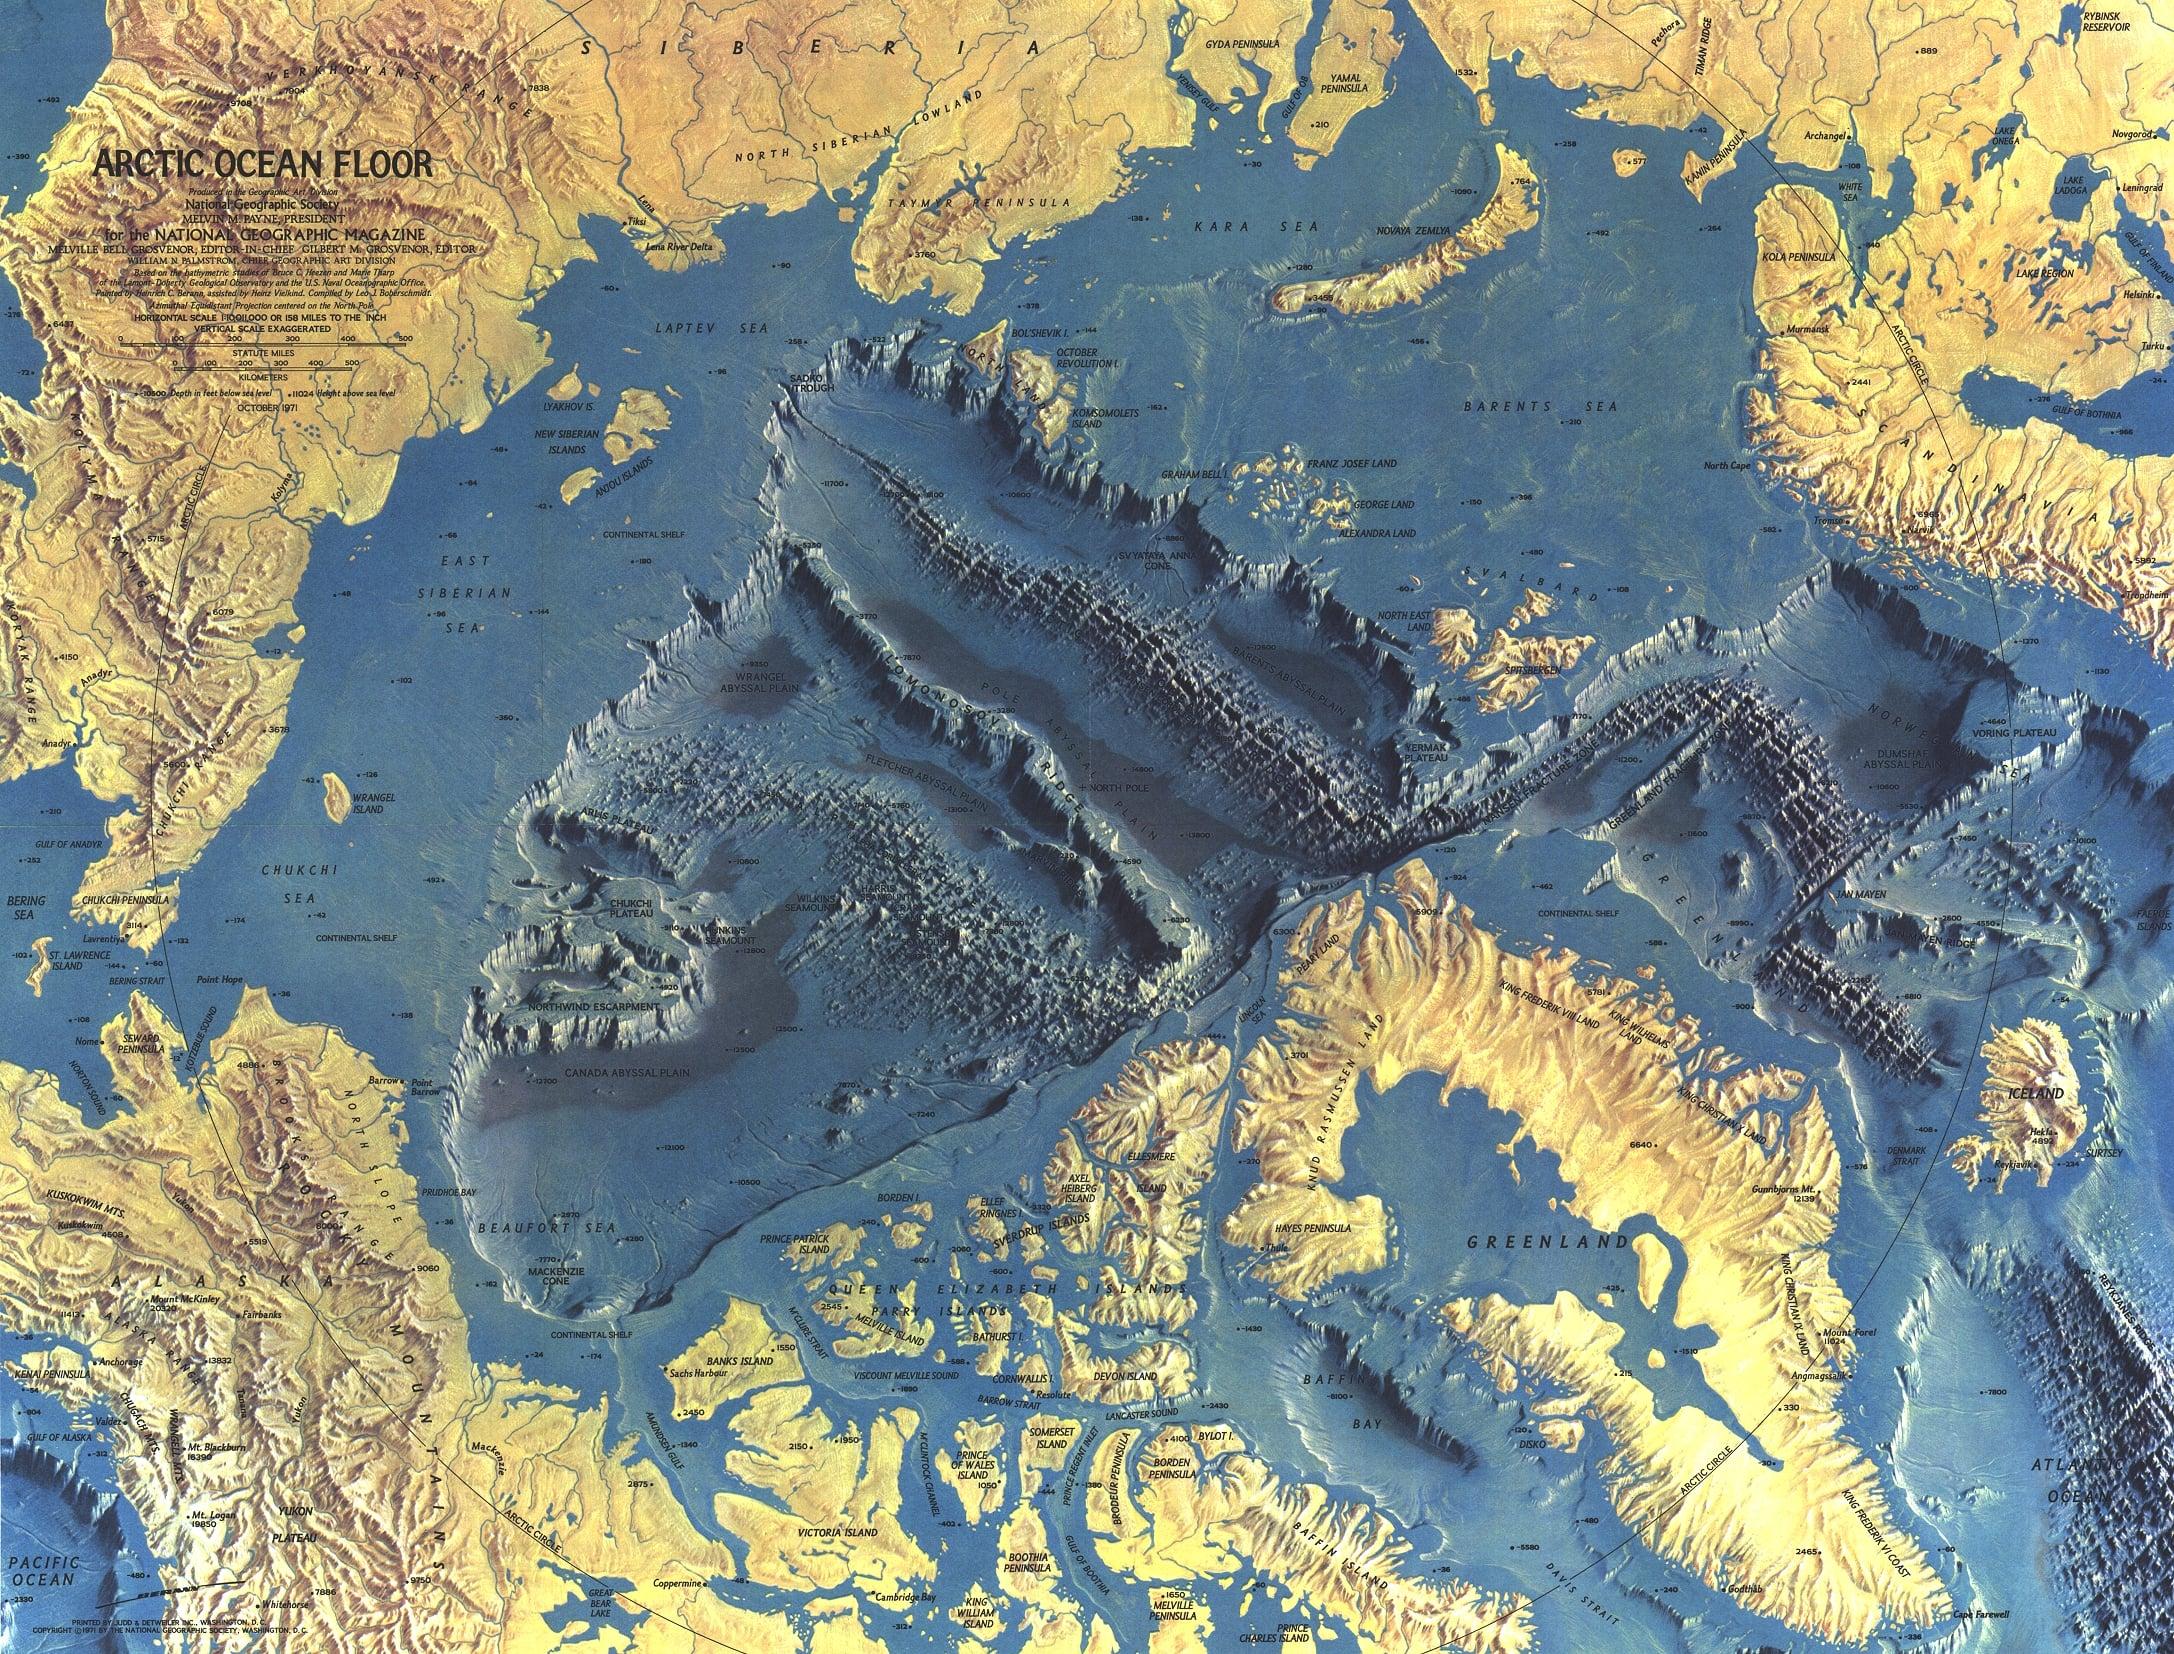 Topographic Map Of Ocean Floor.Ngs 1971 Arctic Ocean Floor Map